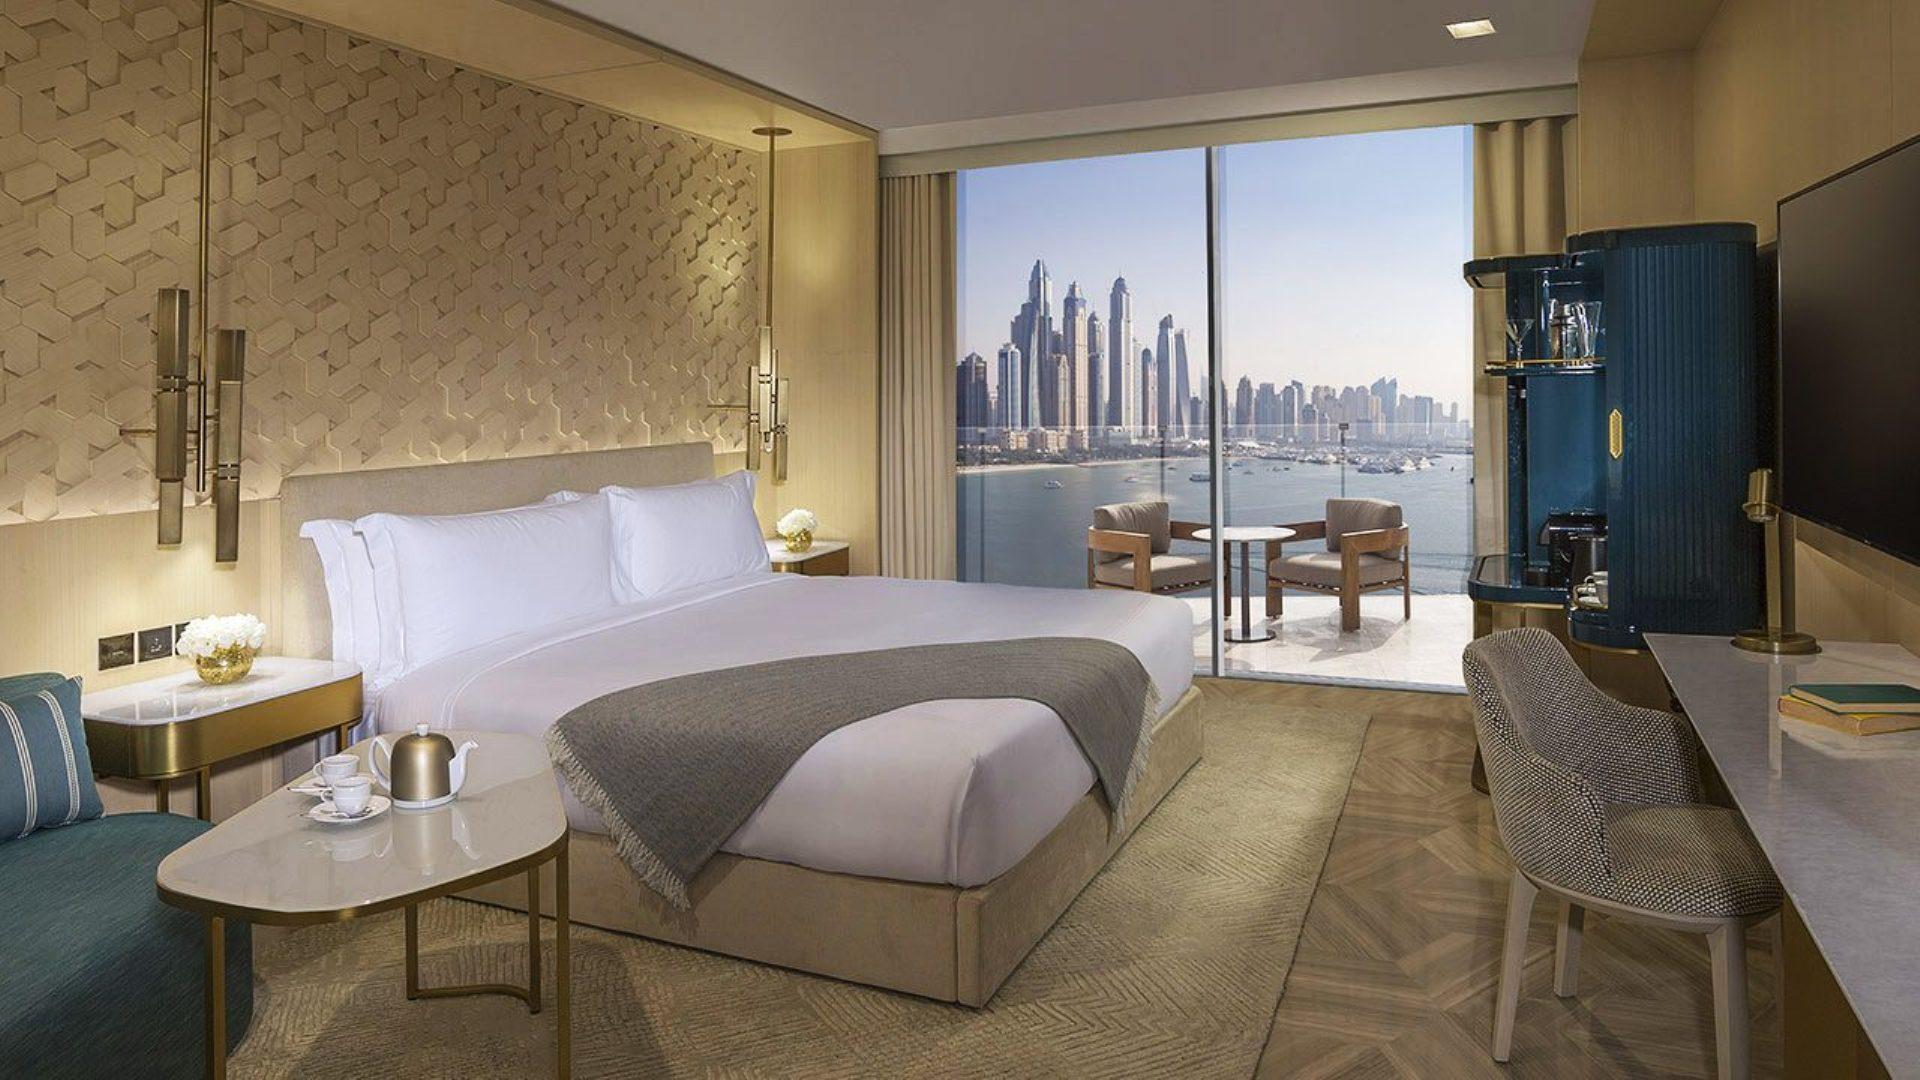 Apartamento en venta en Dubai, EAU, 1 dormitorio, 60 m2, № 24492 – foto 2